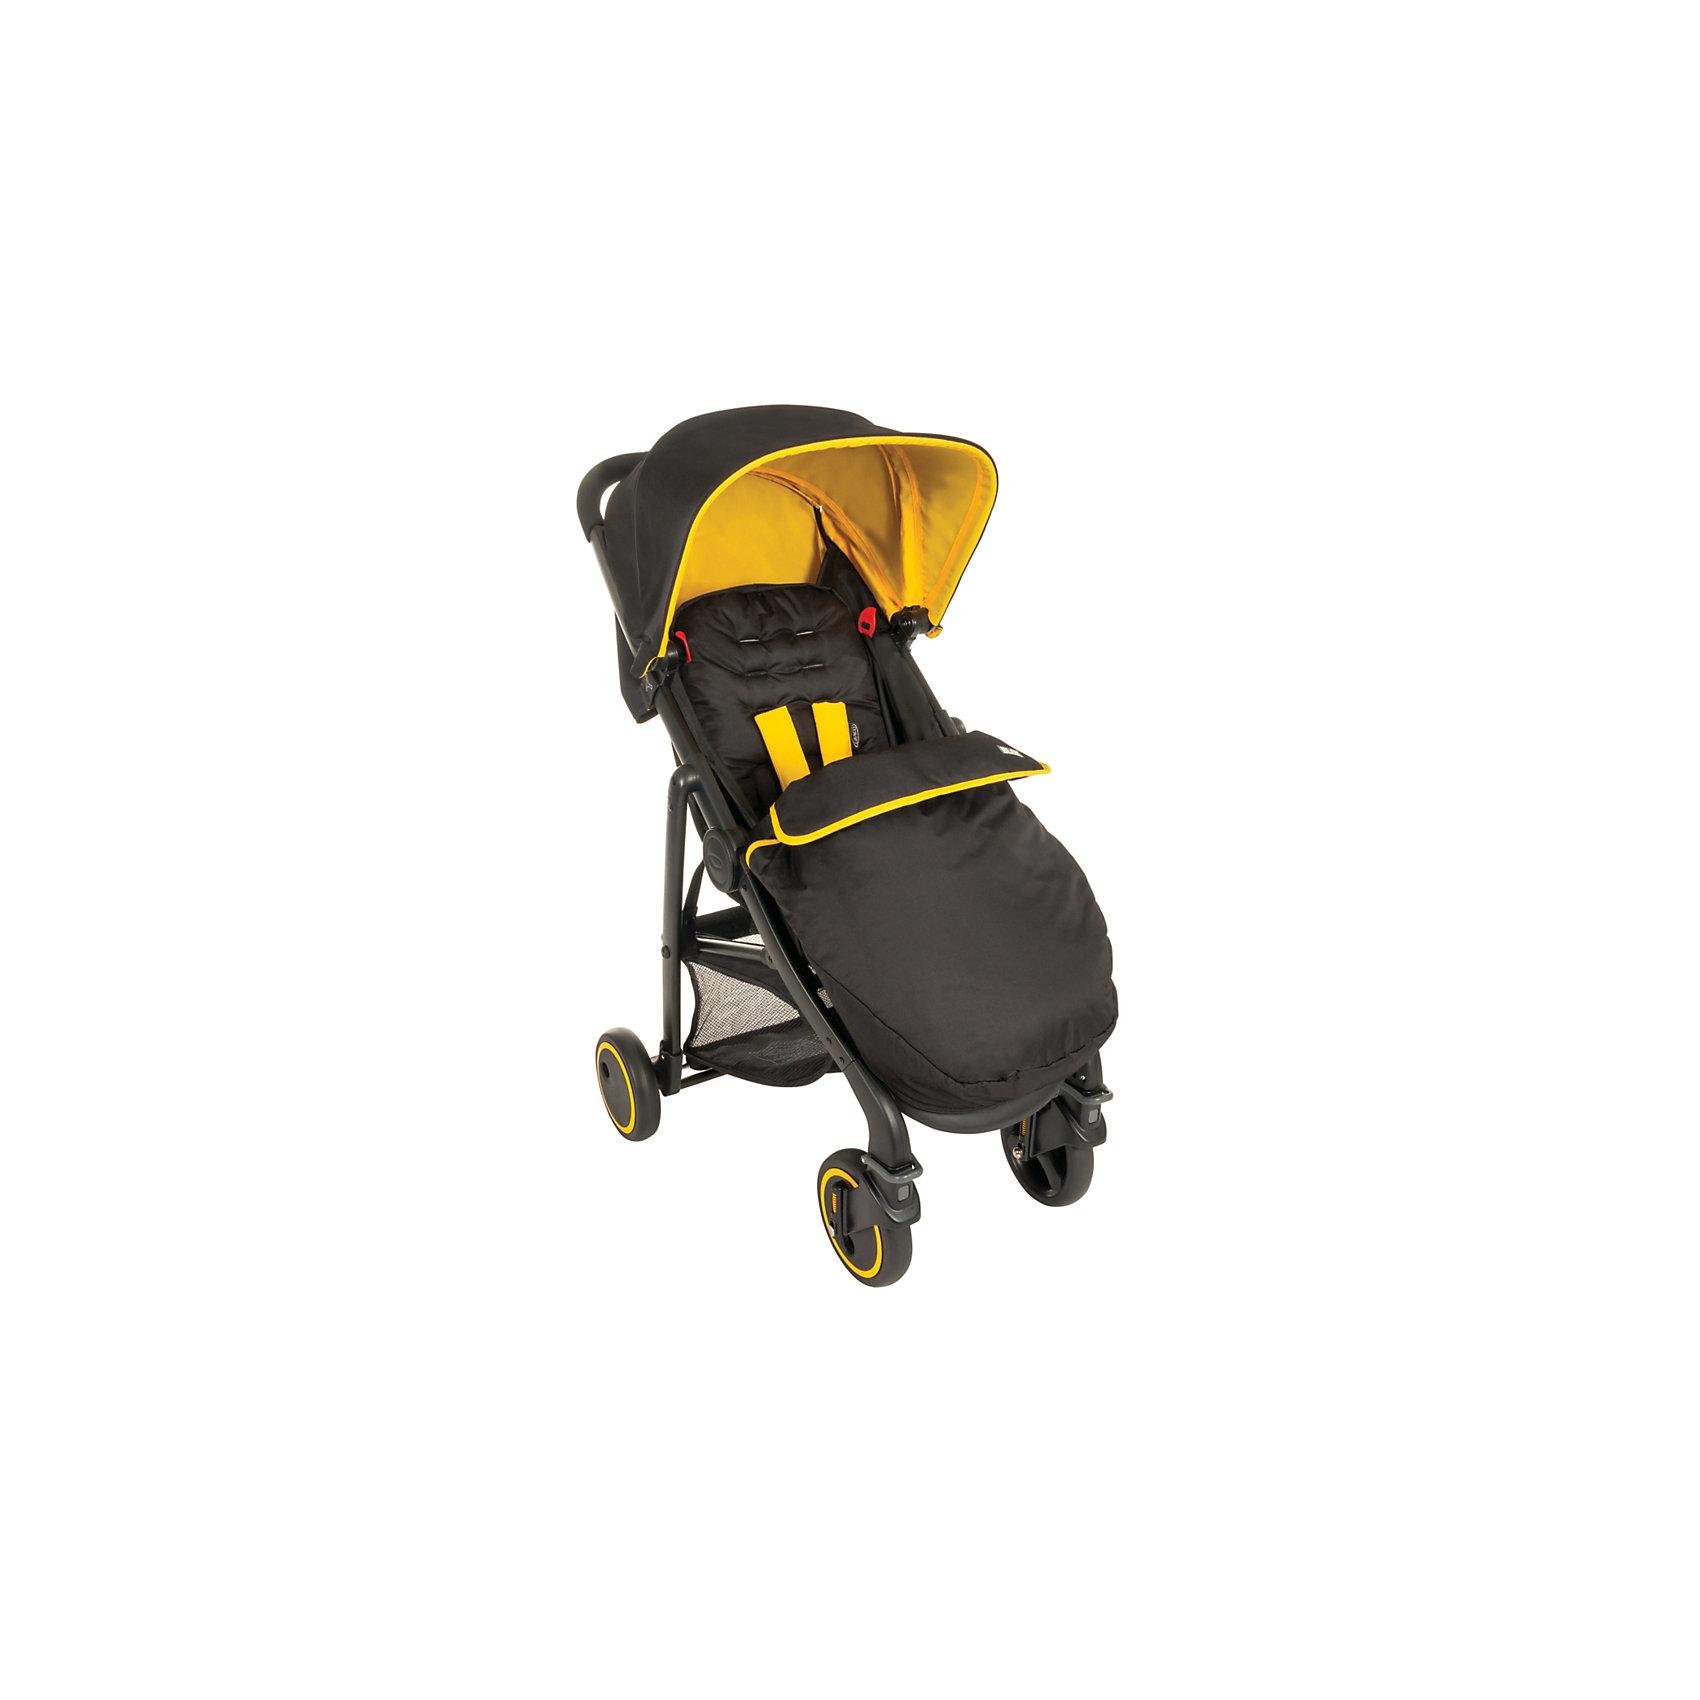 Прогулочная коляска Blox, Graco, черный с желтымПрогулочные коляски<br>Характеристики коляски<br><br>Прогулочный блок:<br><br>• регулируется наклон спинки, горизонтальное положение;<br>• регулируется подножка;<br>• 5-ти точечные ремни безопасности;<br>• защитный бампер;<br>• чехлы прогулочного блока снимаются и стираются;<br>• в комплекте чехол на ножки и дождевик;<br>• материал: алюминий, пластик, полиэстер.<br><br>Рама коляски:<br><br>• коляска кладывается одной рукой;<br>• передние поворотные колеса с блокировкой;<br>• колеса изготовлены из плотной резины;<br>• на базу можно установить автокресло: Graco Snugfix и Junior baby;<br>• тип складывания: книжка.<br><br>Размер коляски: 80х58х100 см<br>Размер в сложенном виде: 80х59х29 см<br>Вес: 8 кг<br>Размер упаковки: 66х19х73 см<br>Вес в упаковке: 9,7 кг<br><br>Прогулочную коляску Blox, Graco, черный с желтым можно купить в нашем интернет-магазине.<br><br>Ширина мм: 490<br>Глубина мм: 280<br>Высота мм: 480<br>Вес г: 9760<br>Возраст от месяцев: 6<br>Возраст до месяцев: 36<br>Пол: Унисекс<br>Возраст: Детский<br>SKU: 6757387